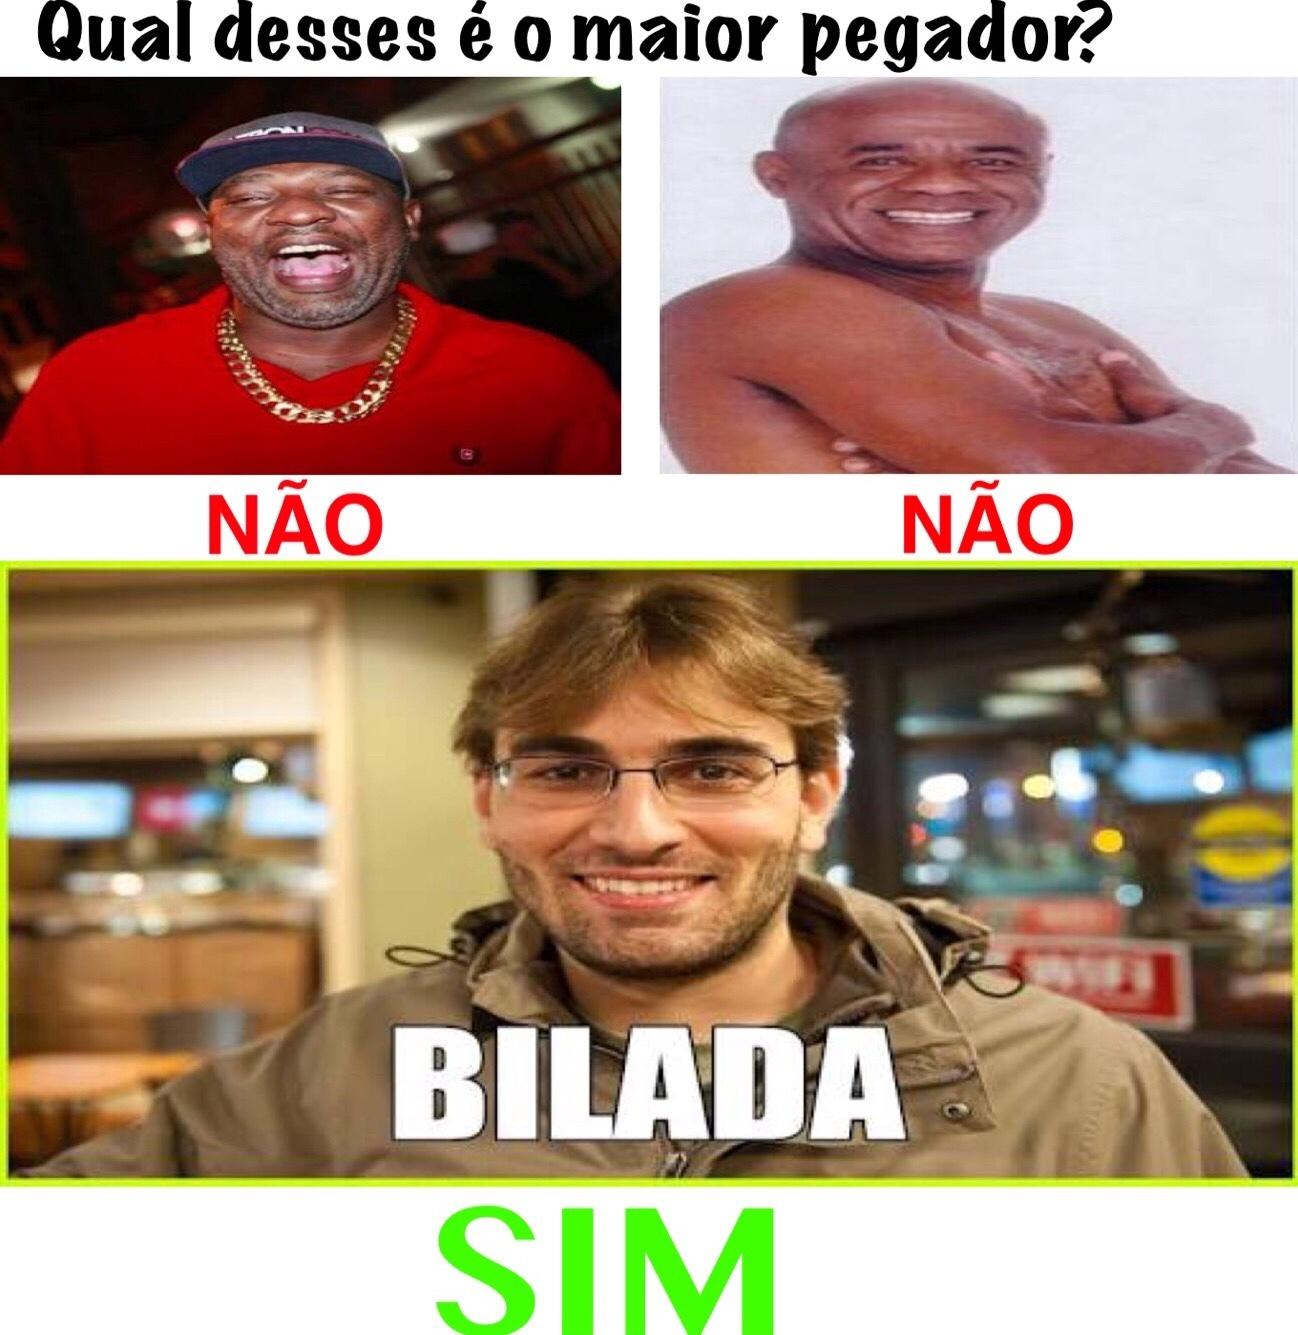 O REI DA BILADA - meme